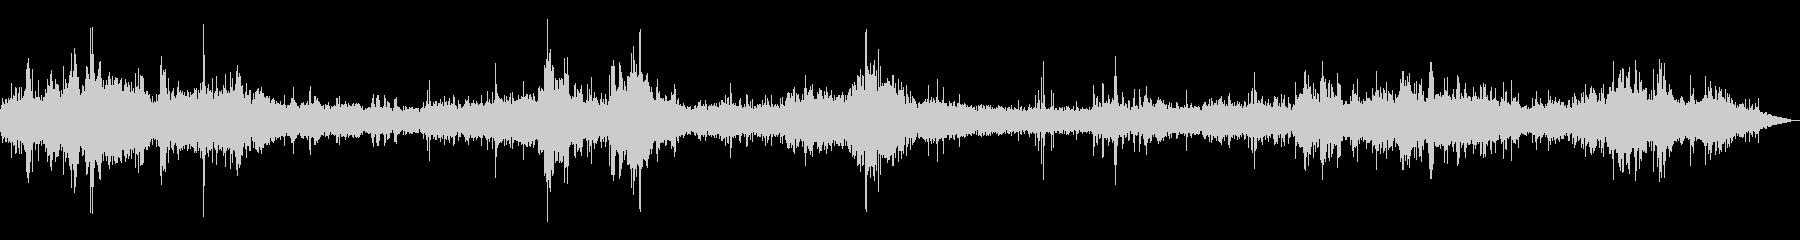 [生録音]台風通過時の室内音01の未再生の波形